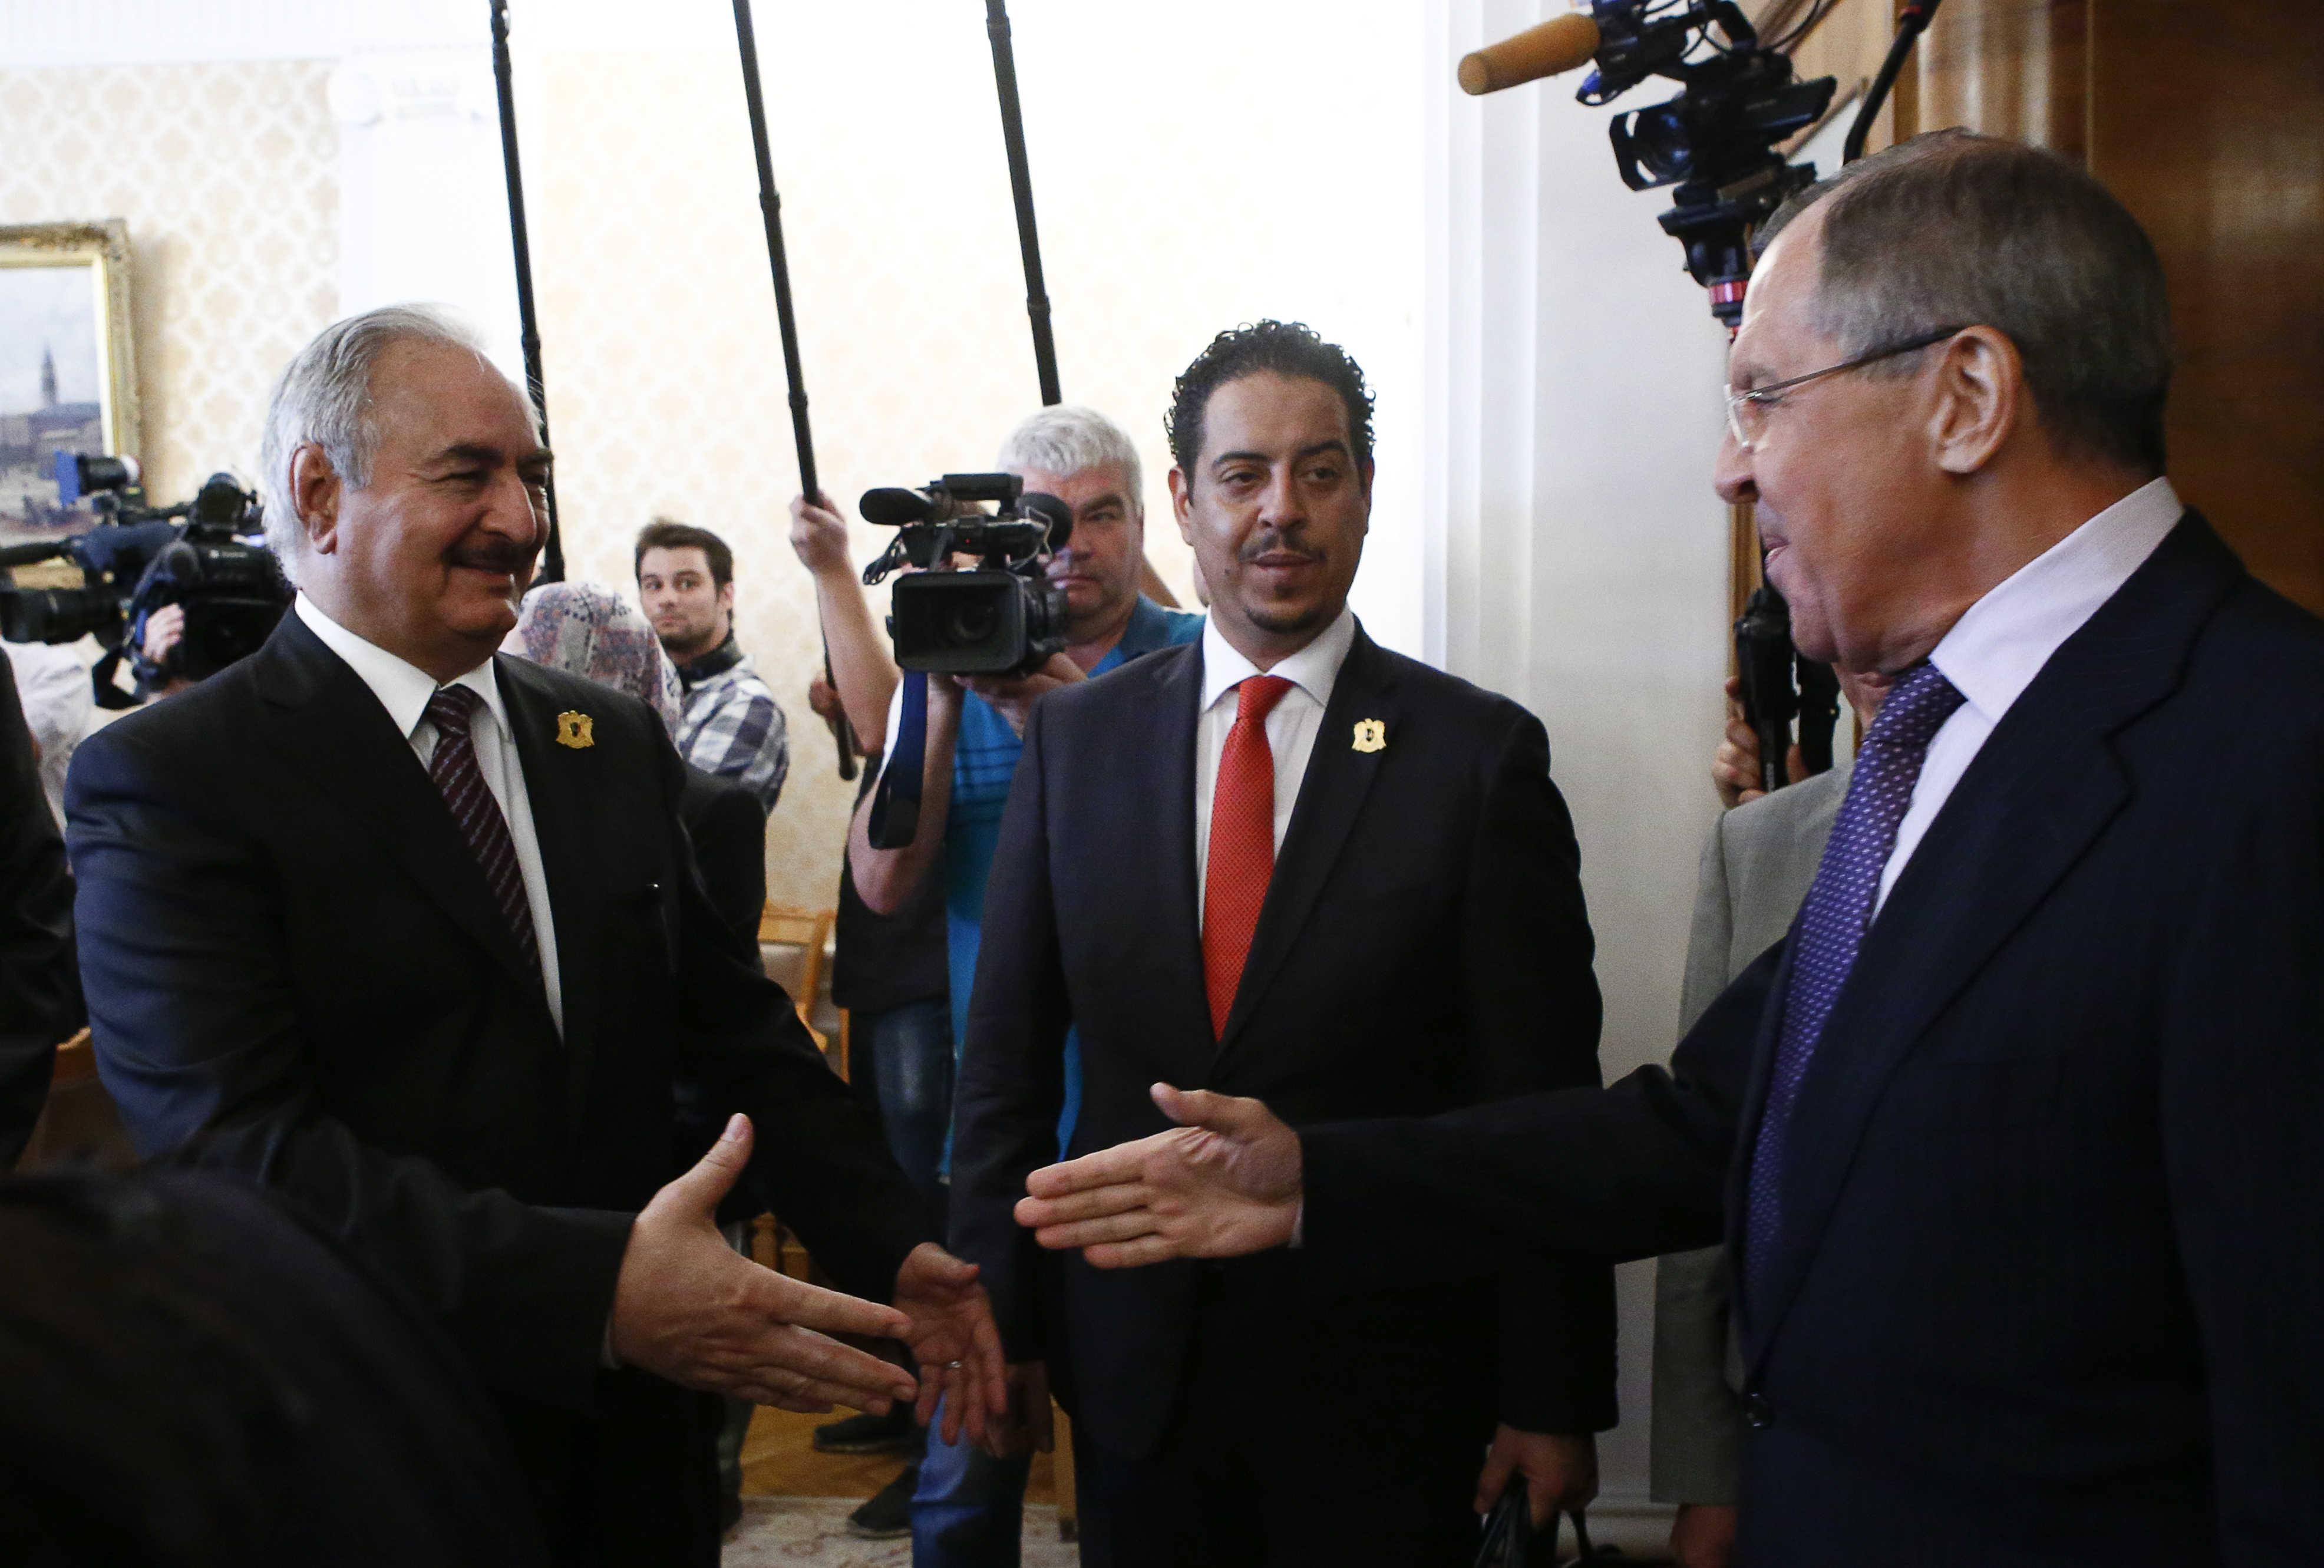 صحيفة: روسيا غير متمسكة بحفتر وهذا ما تبحث عنه في ليبيا | الحرة